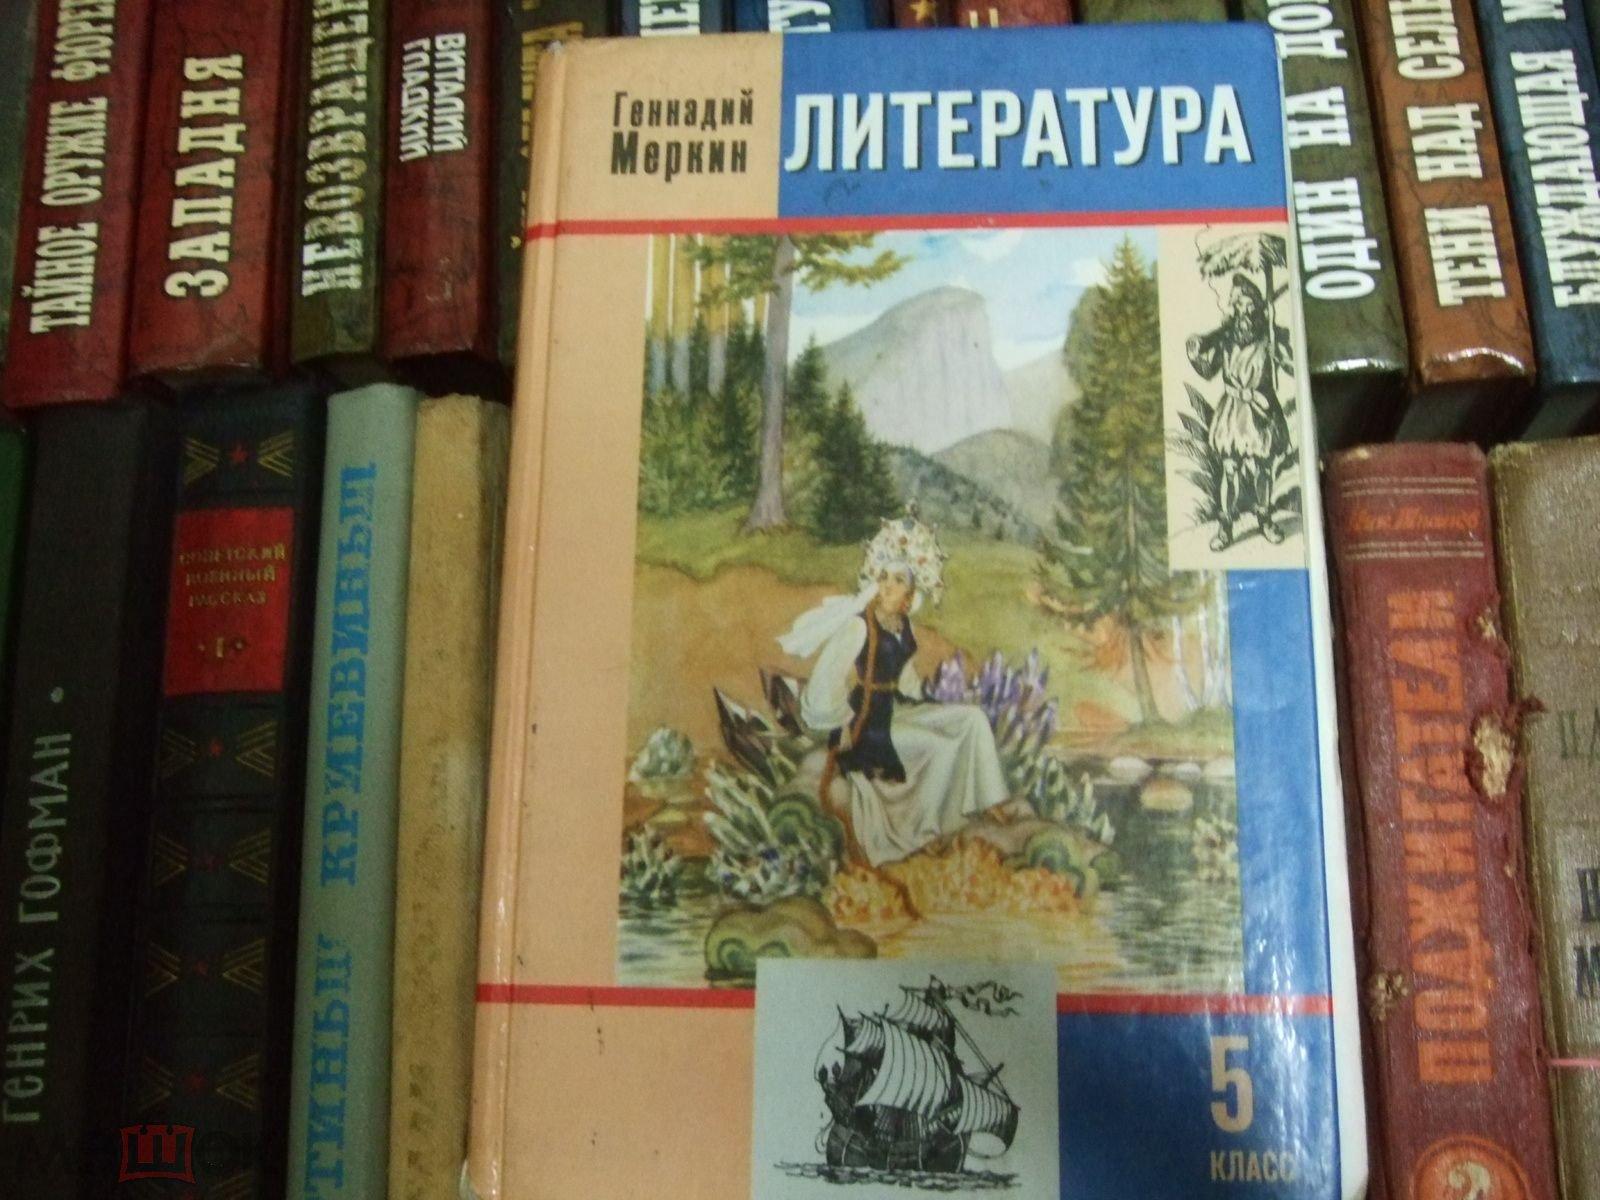 Литературе